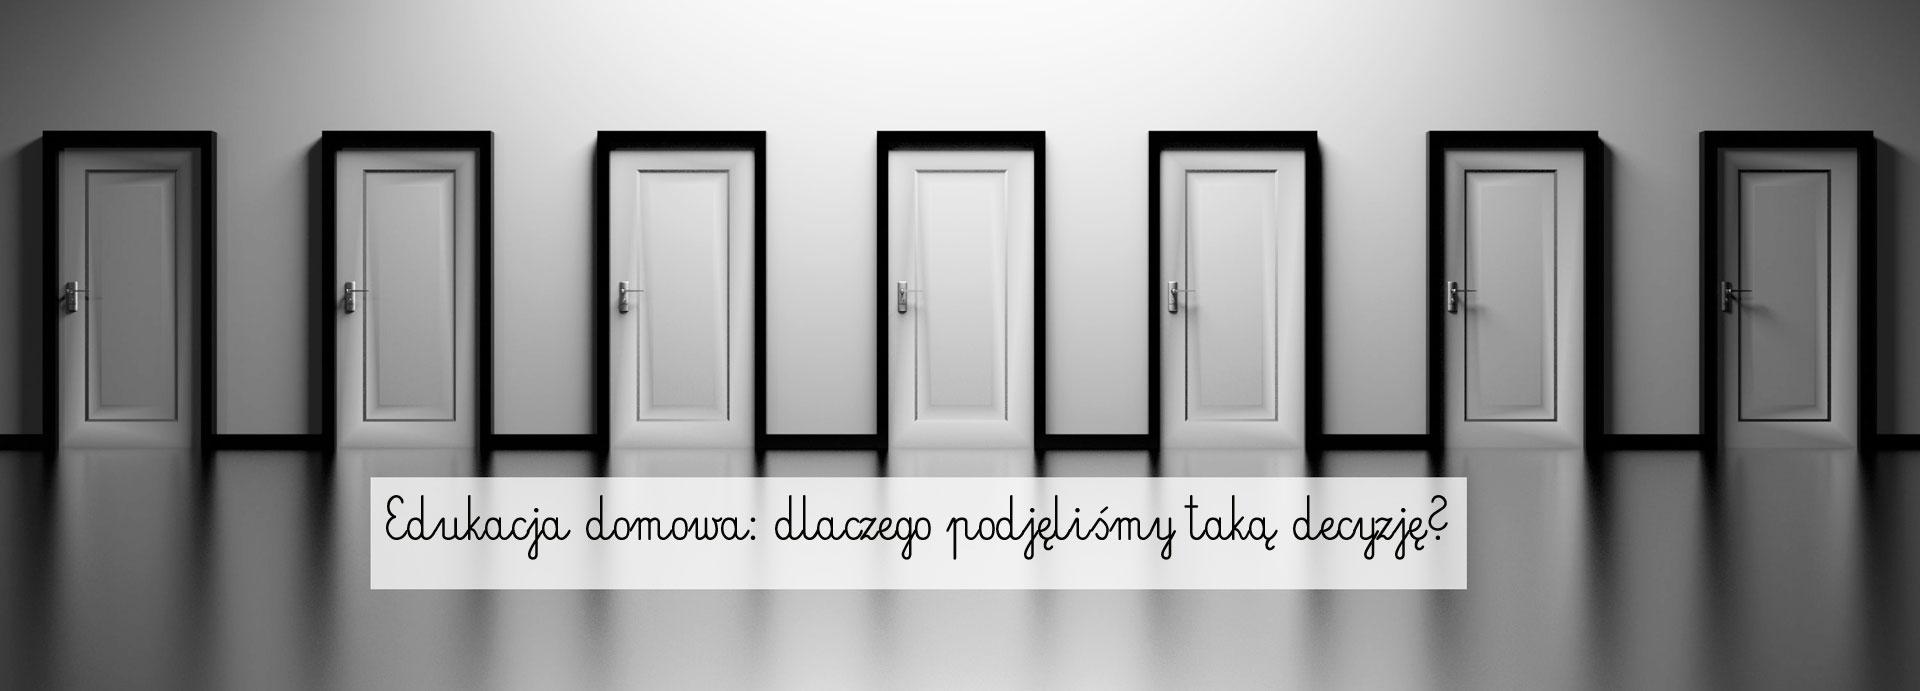 edukacja_domowa_1